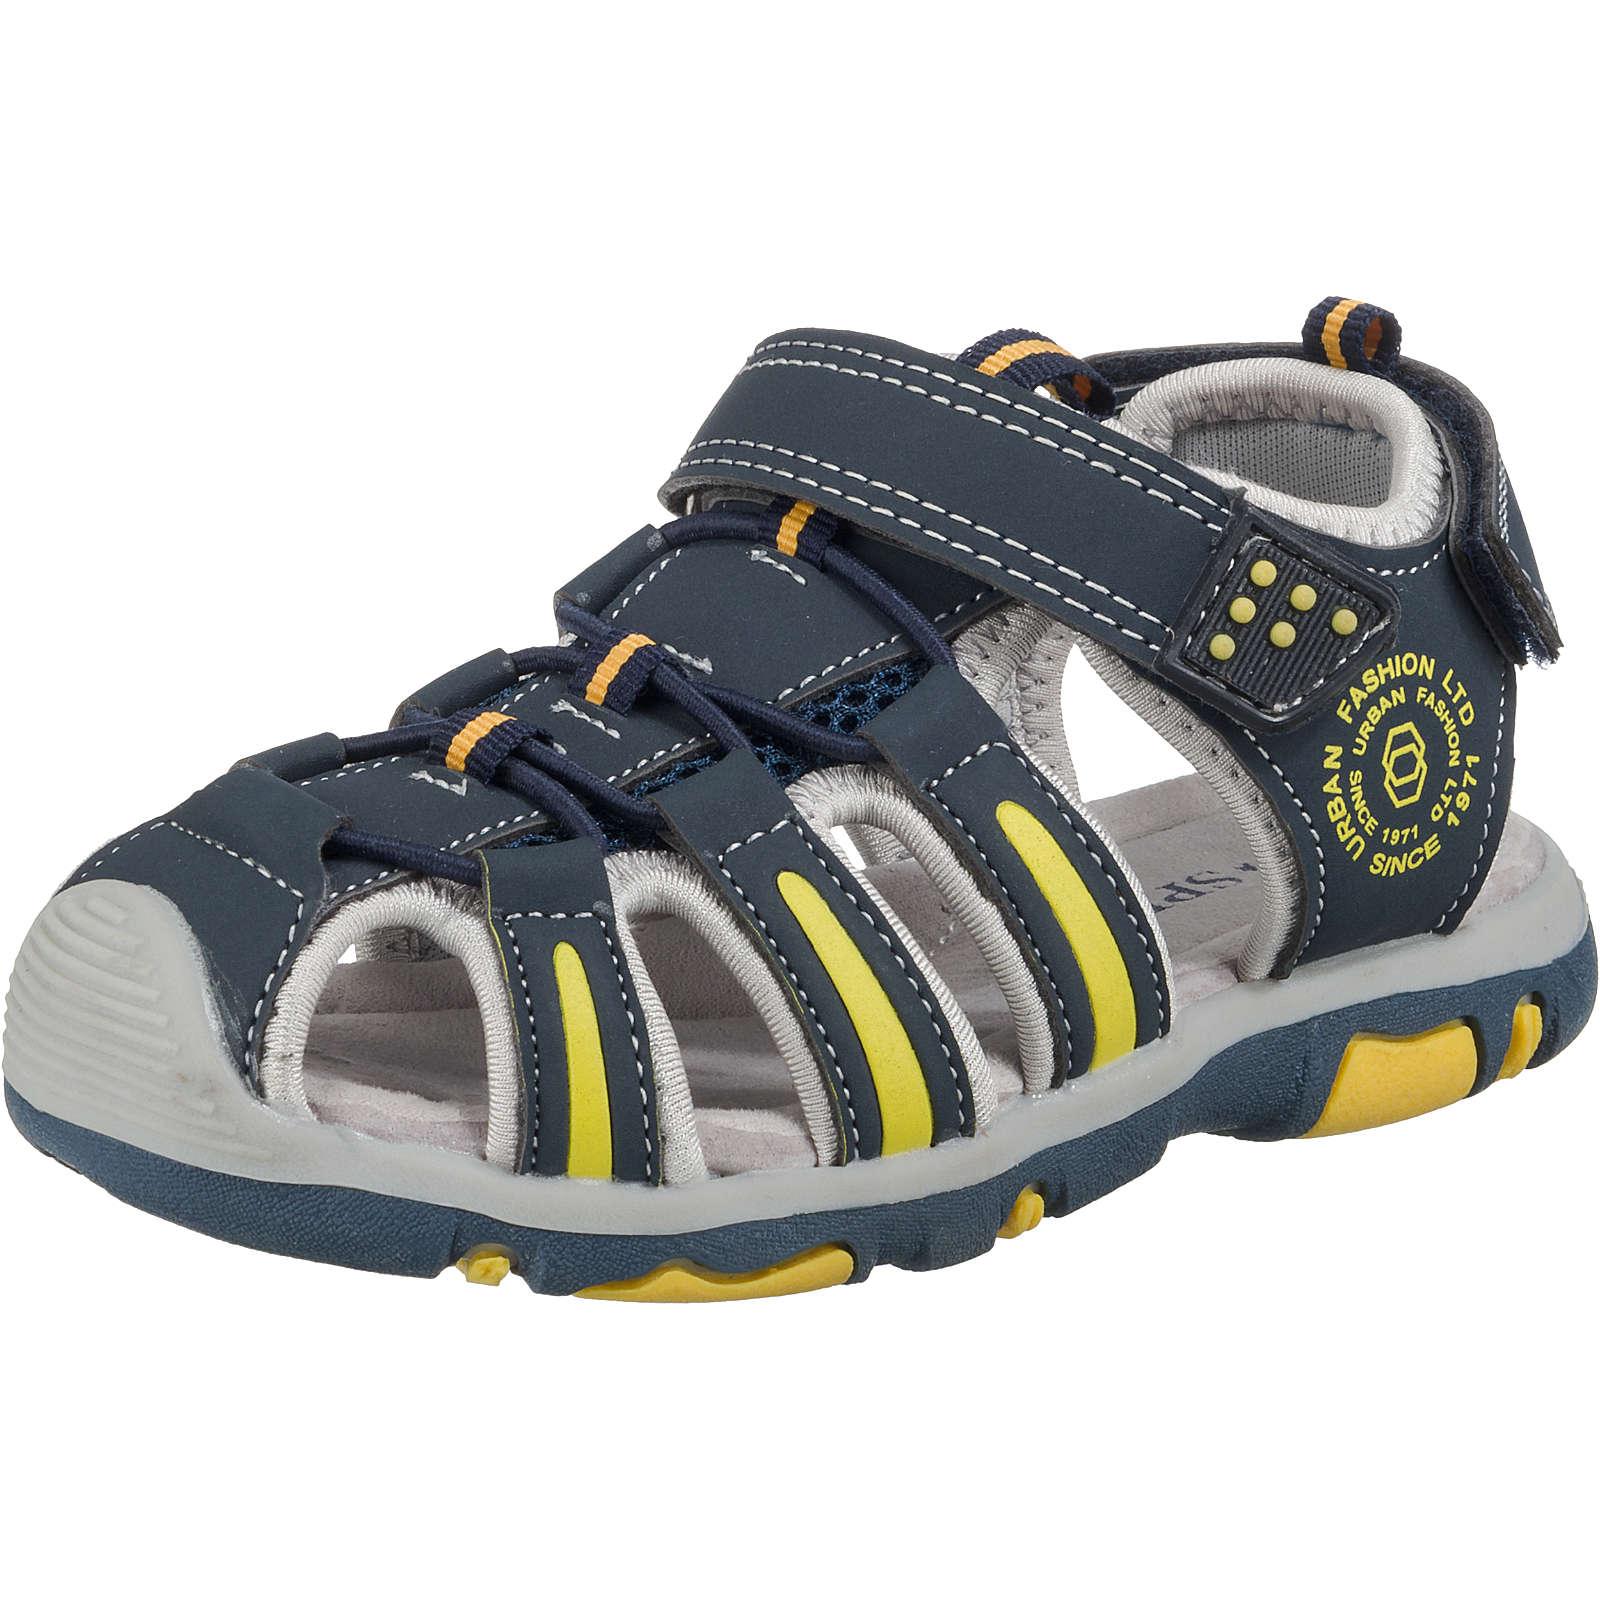 SPROX Sandalen für Jungen dunkelblau Junge Gr. 35